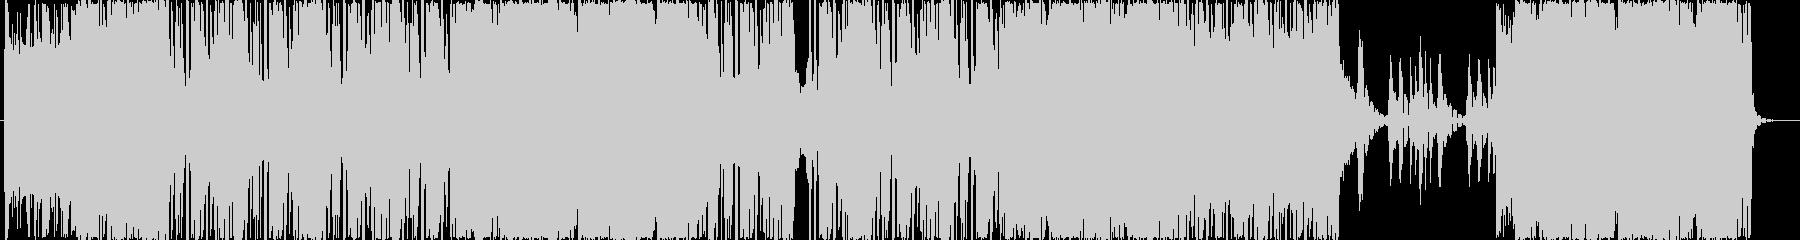 洋楽R&B系ミッドテンポトラックの未再生の波形